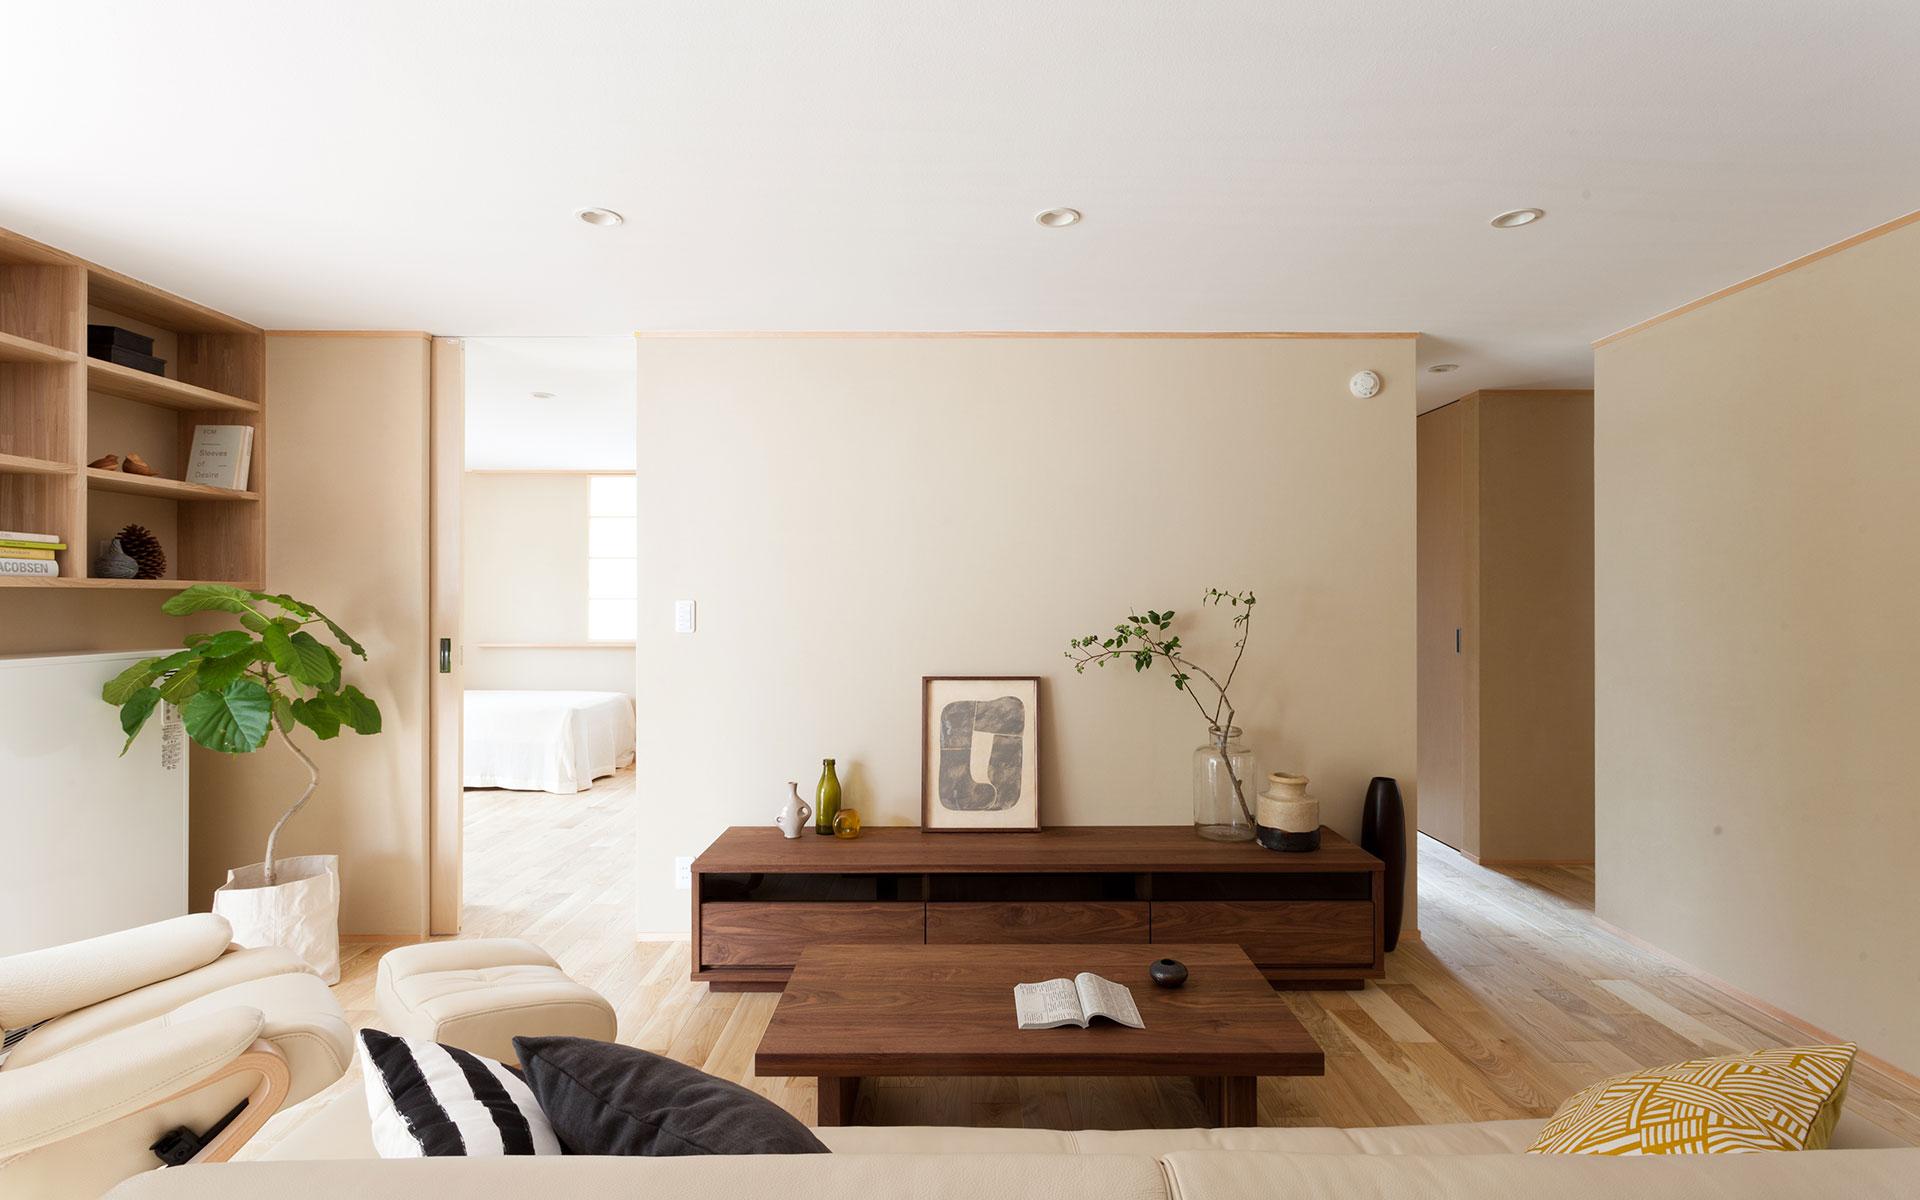 テレビボードと奥の個室。右奥が浴室